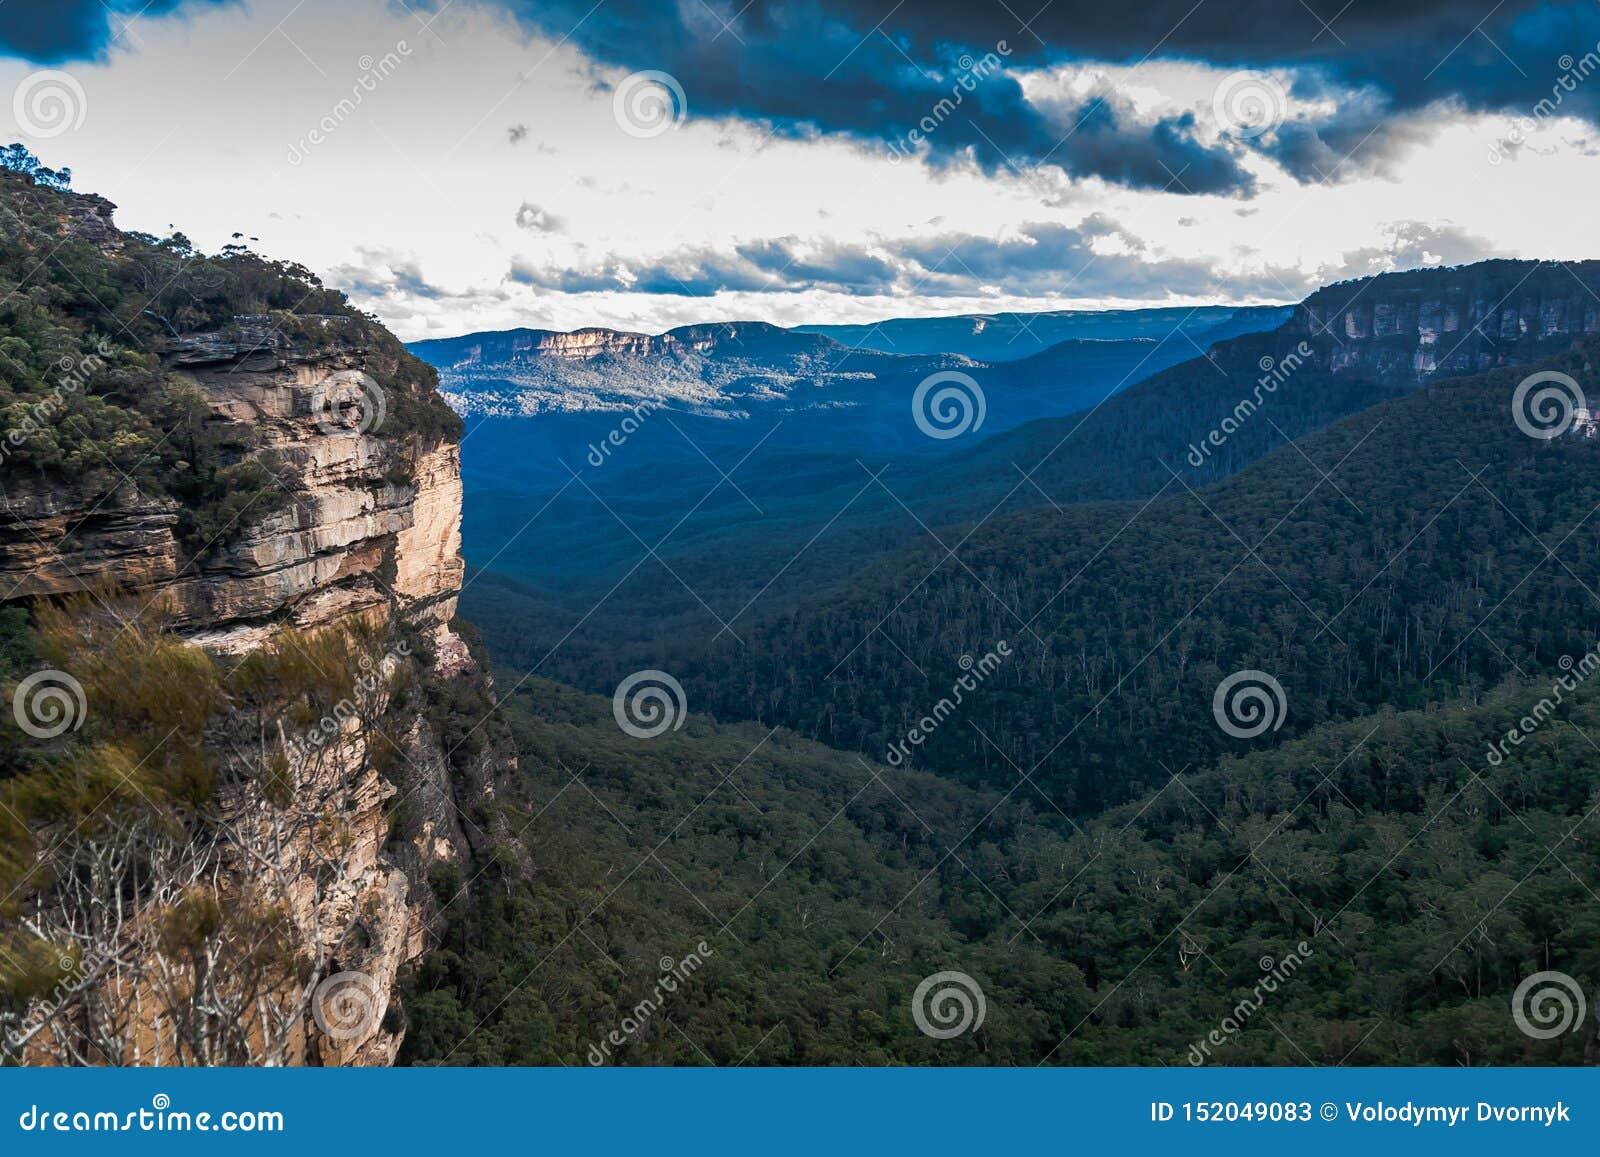 Una vista del parque nacional de las montañas azules, NSW, Australia